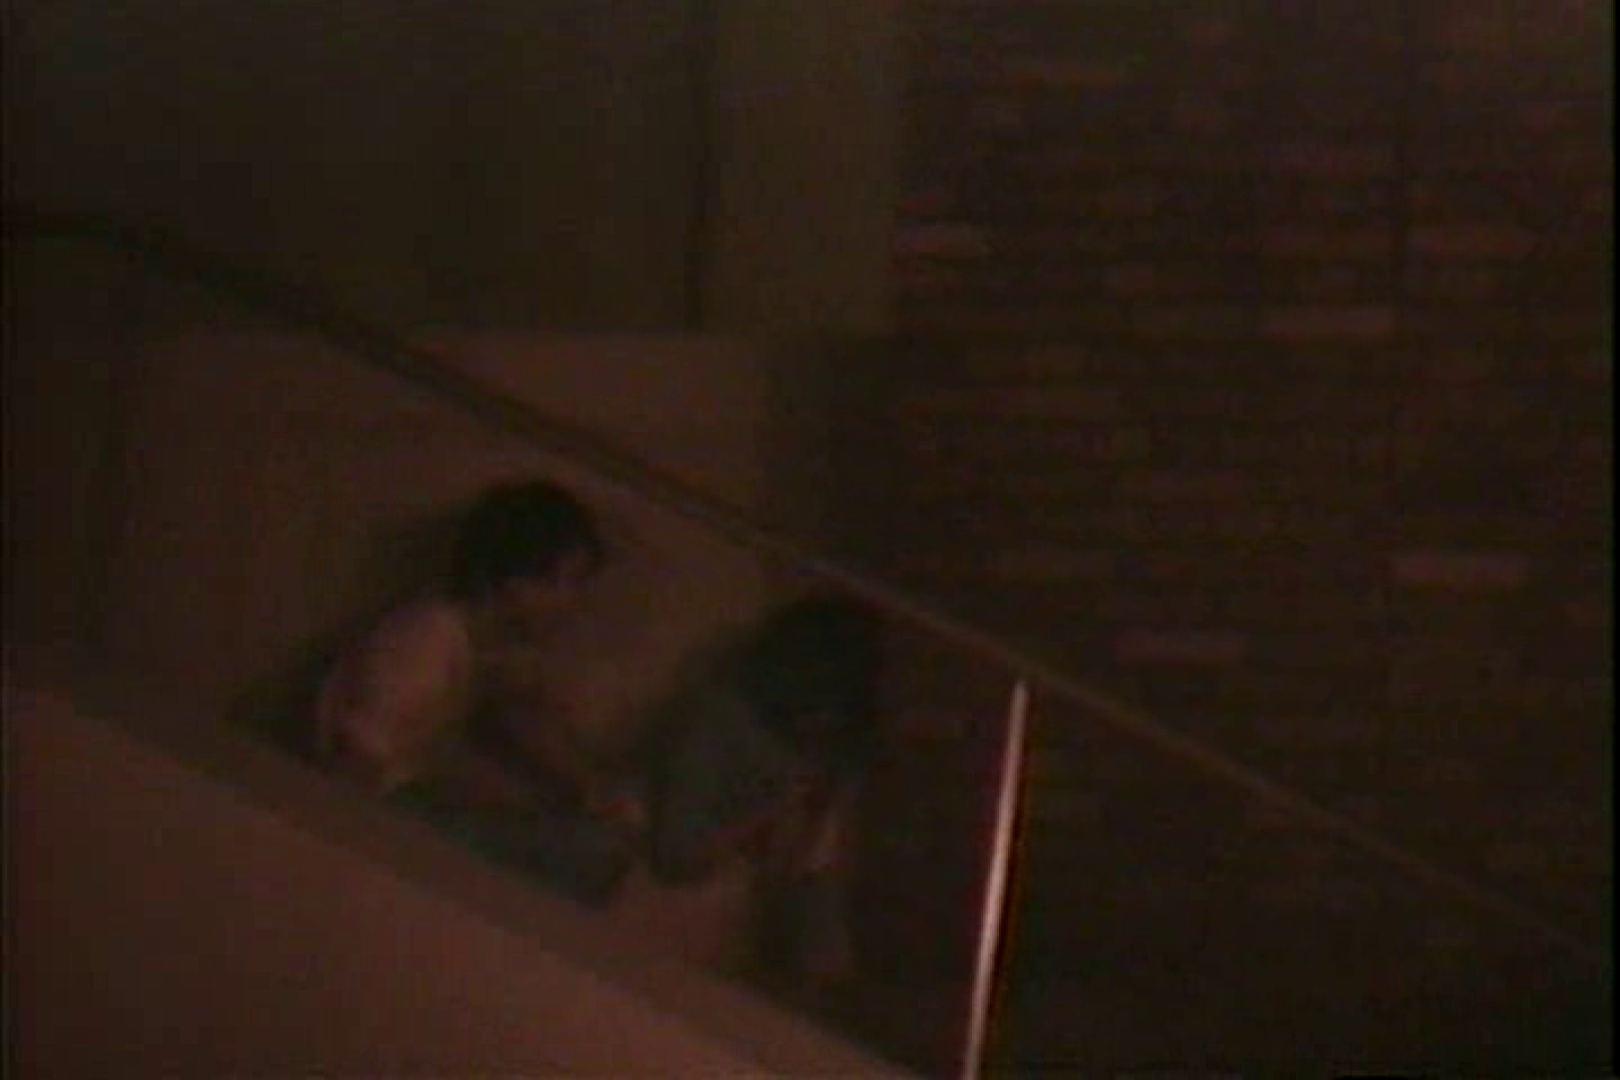 闇の仕掛け人 無修正版 Vol.19 美しいOLの裸体 アダルト動画キャプチャ 106pic 50